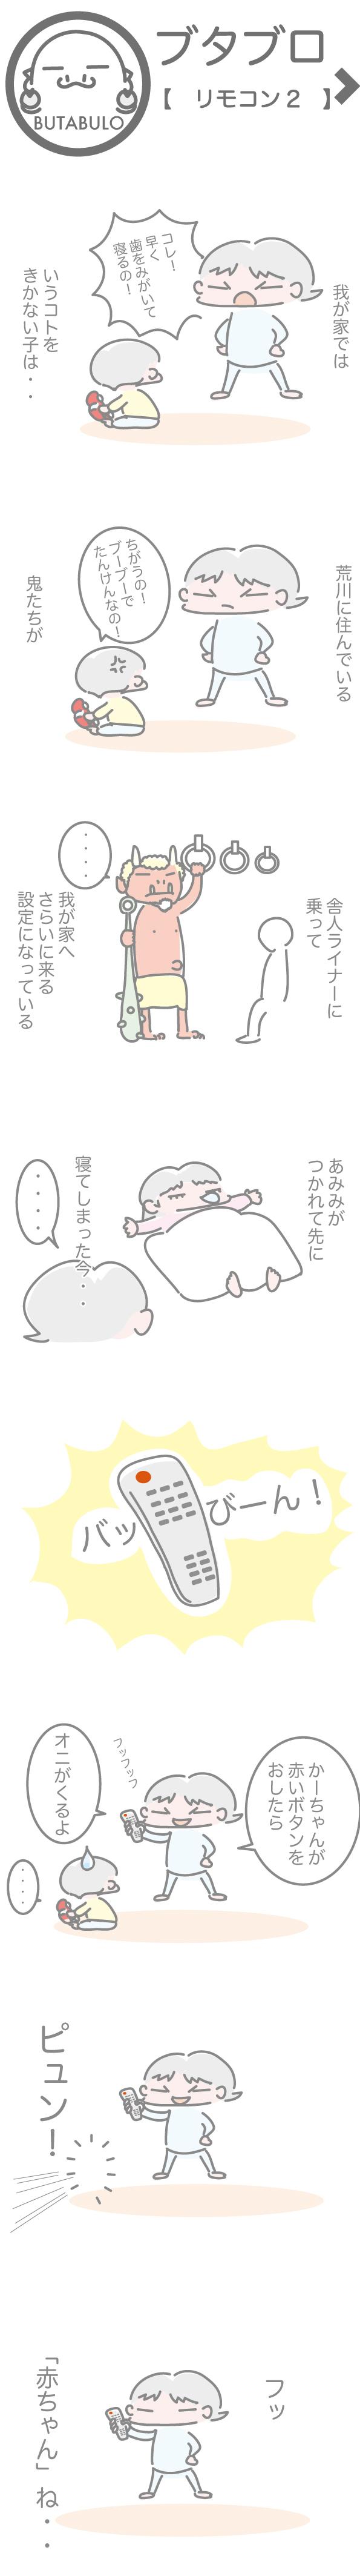 ネタ28ブログ